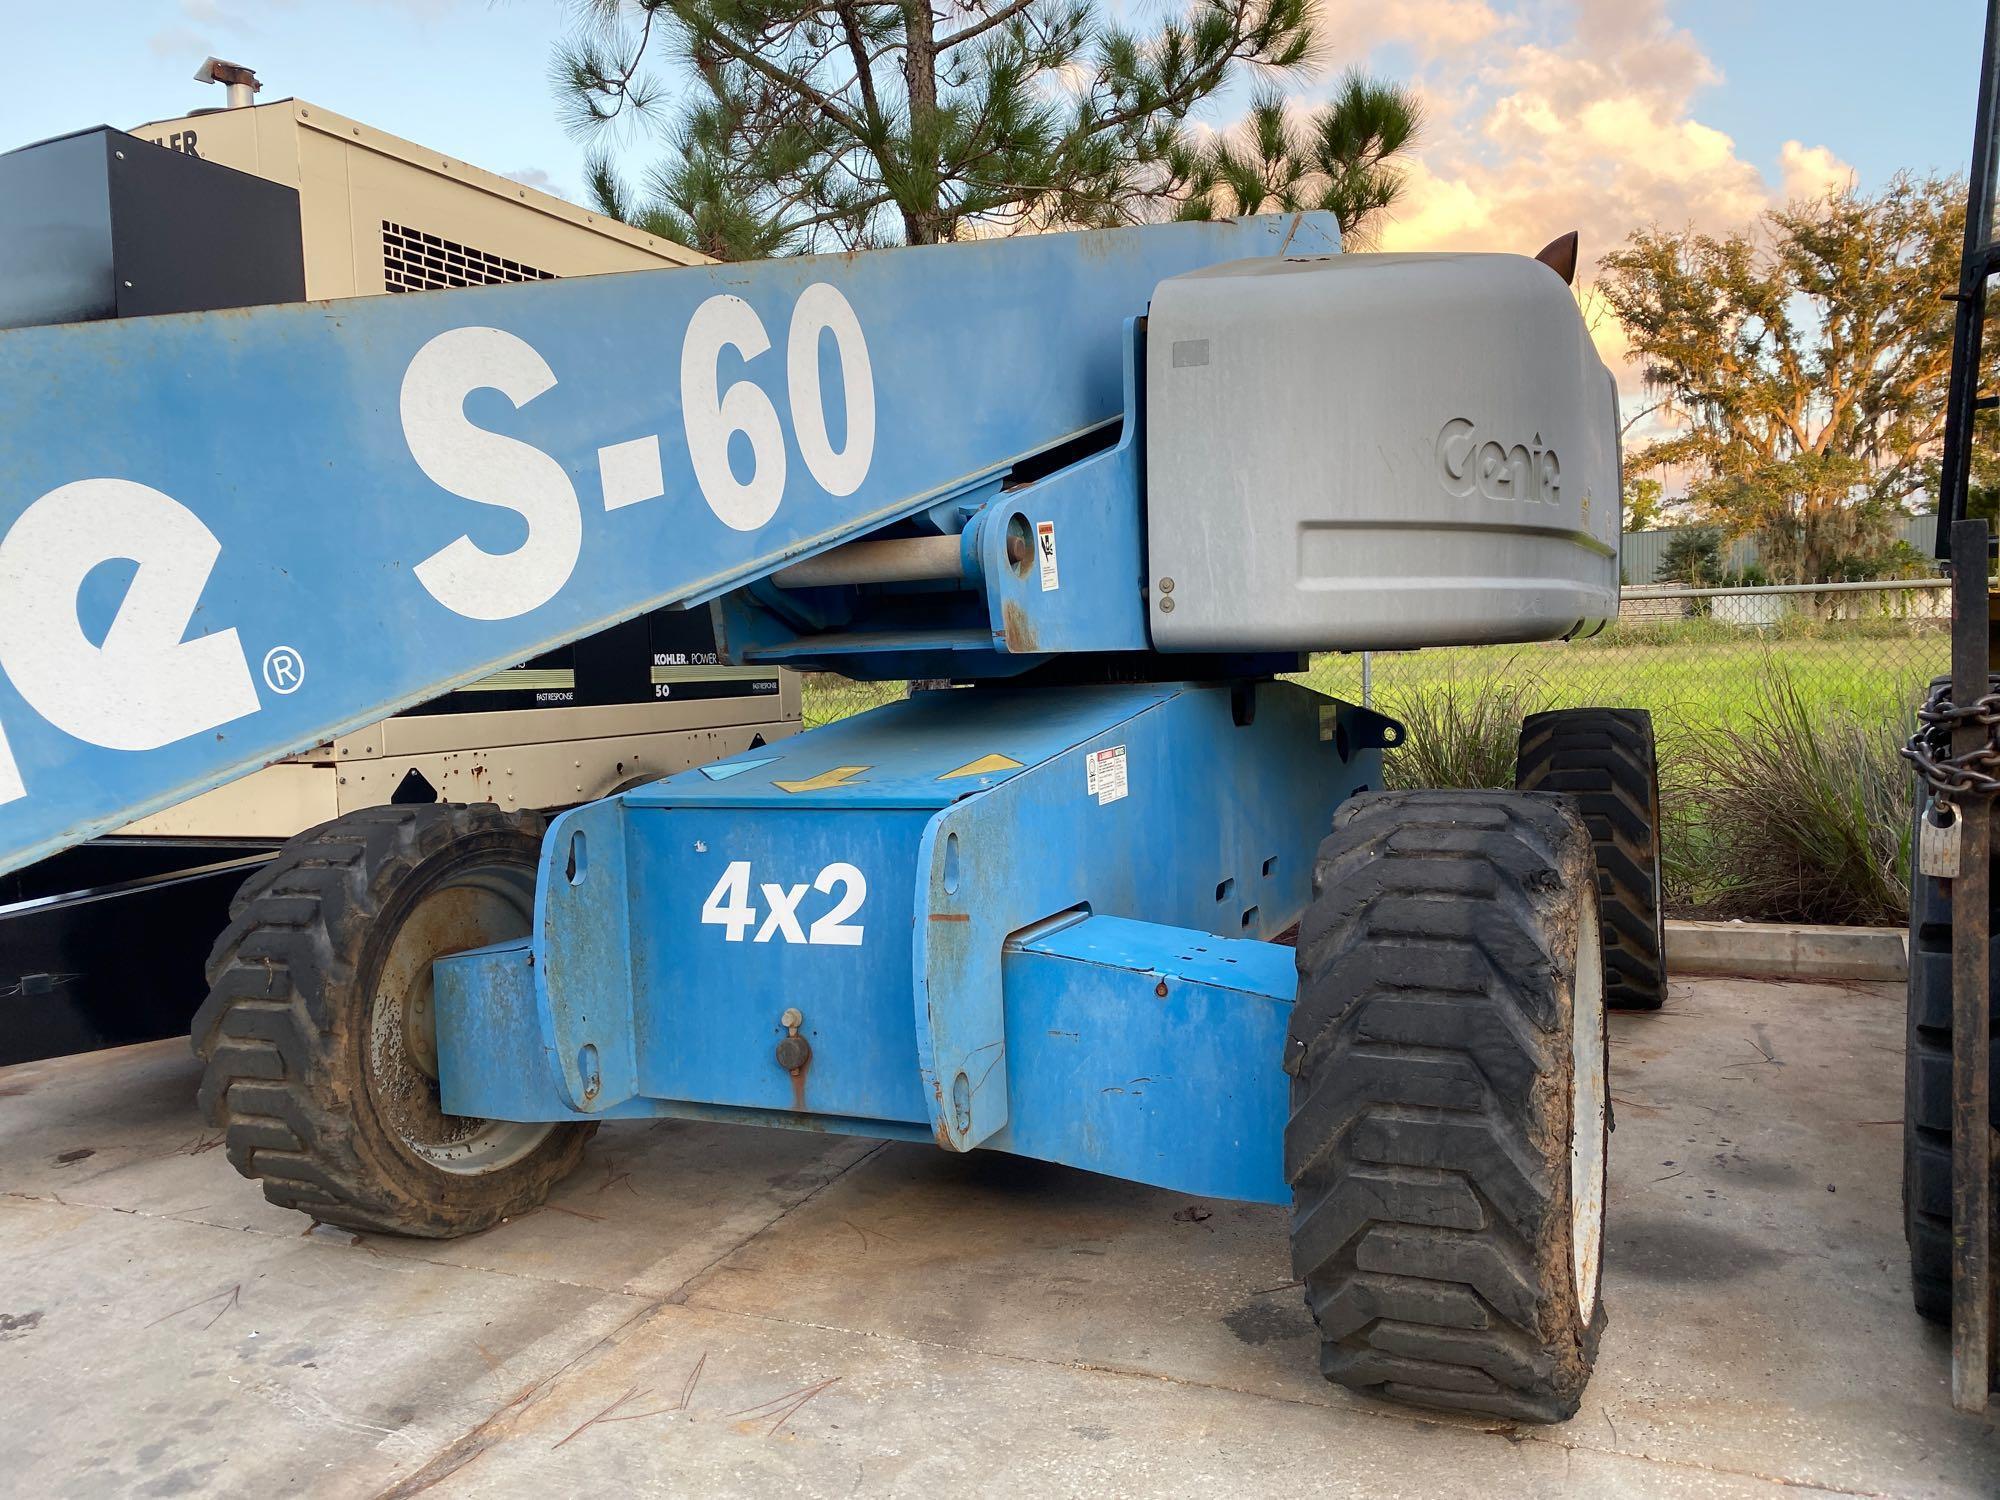 Lot 18A - GENIE S-60 DIESEL BOOM LIFT